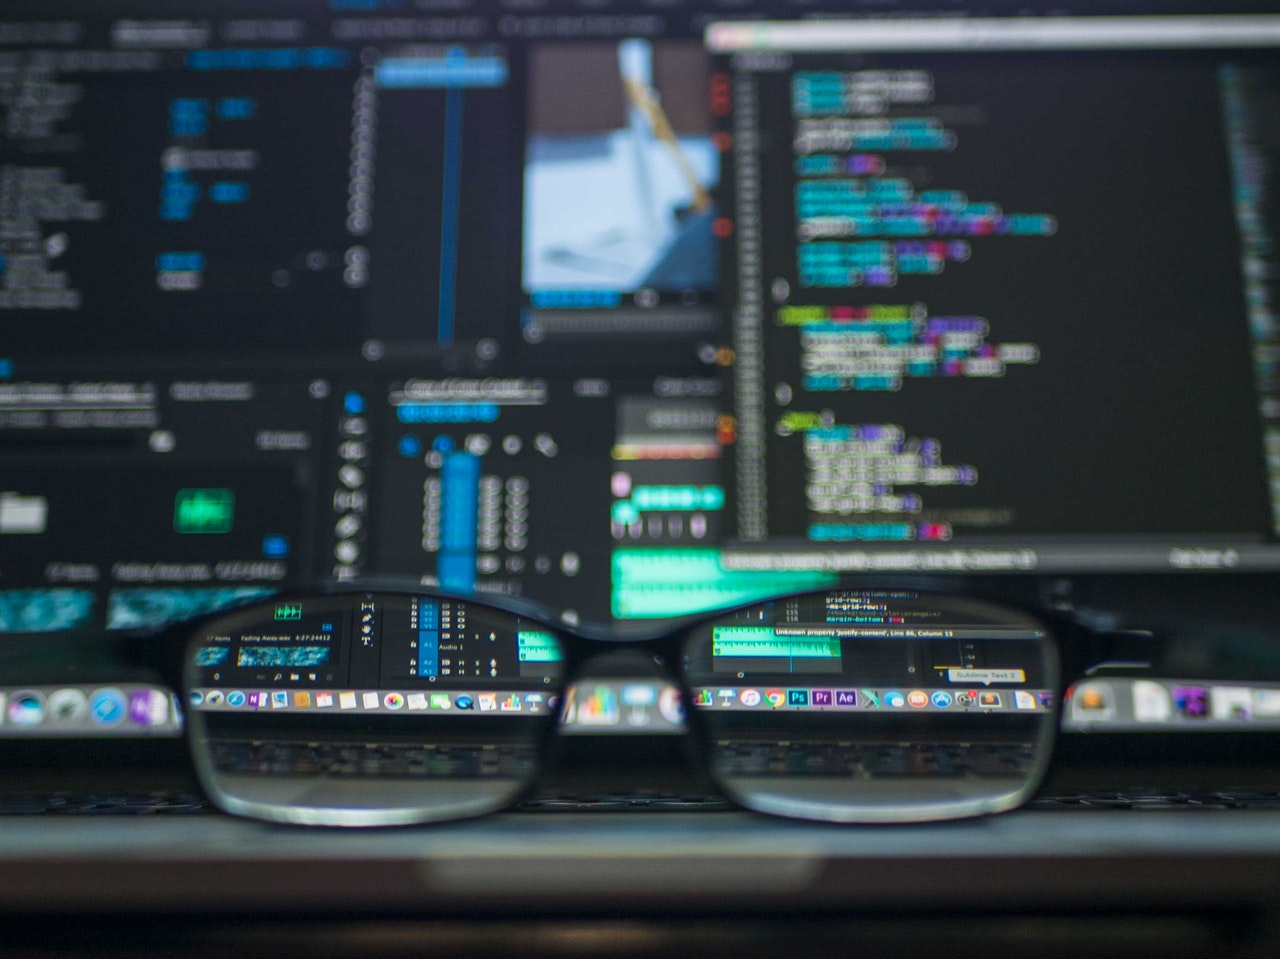 Ao fundo da imagem telas de computadores desfocadas abertas em códigos de programação. A frente um óculos, a partir da sua lente vê-se as telas com foco.